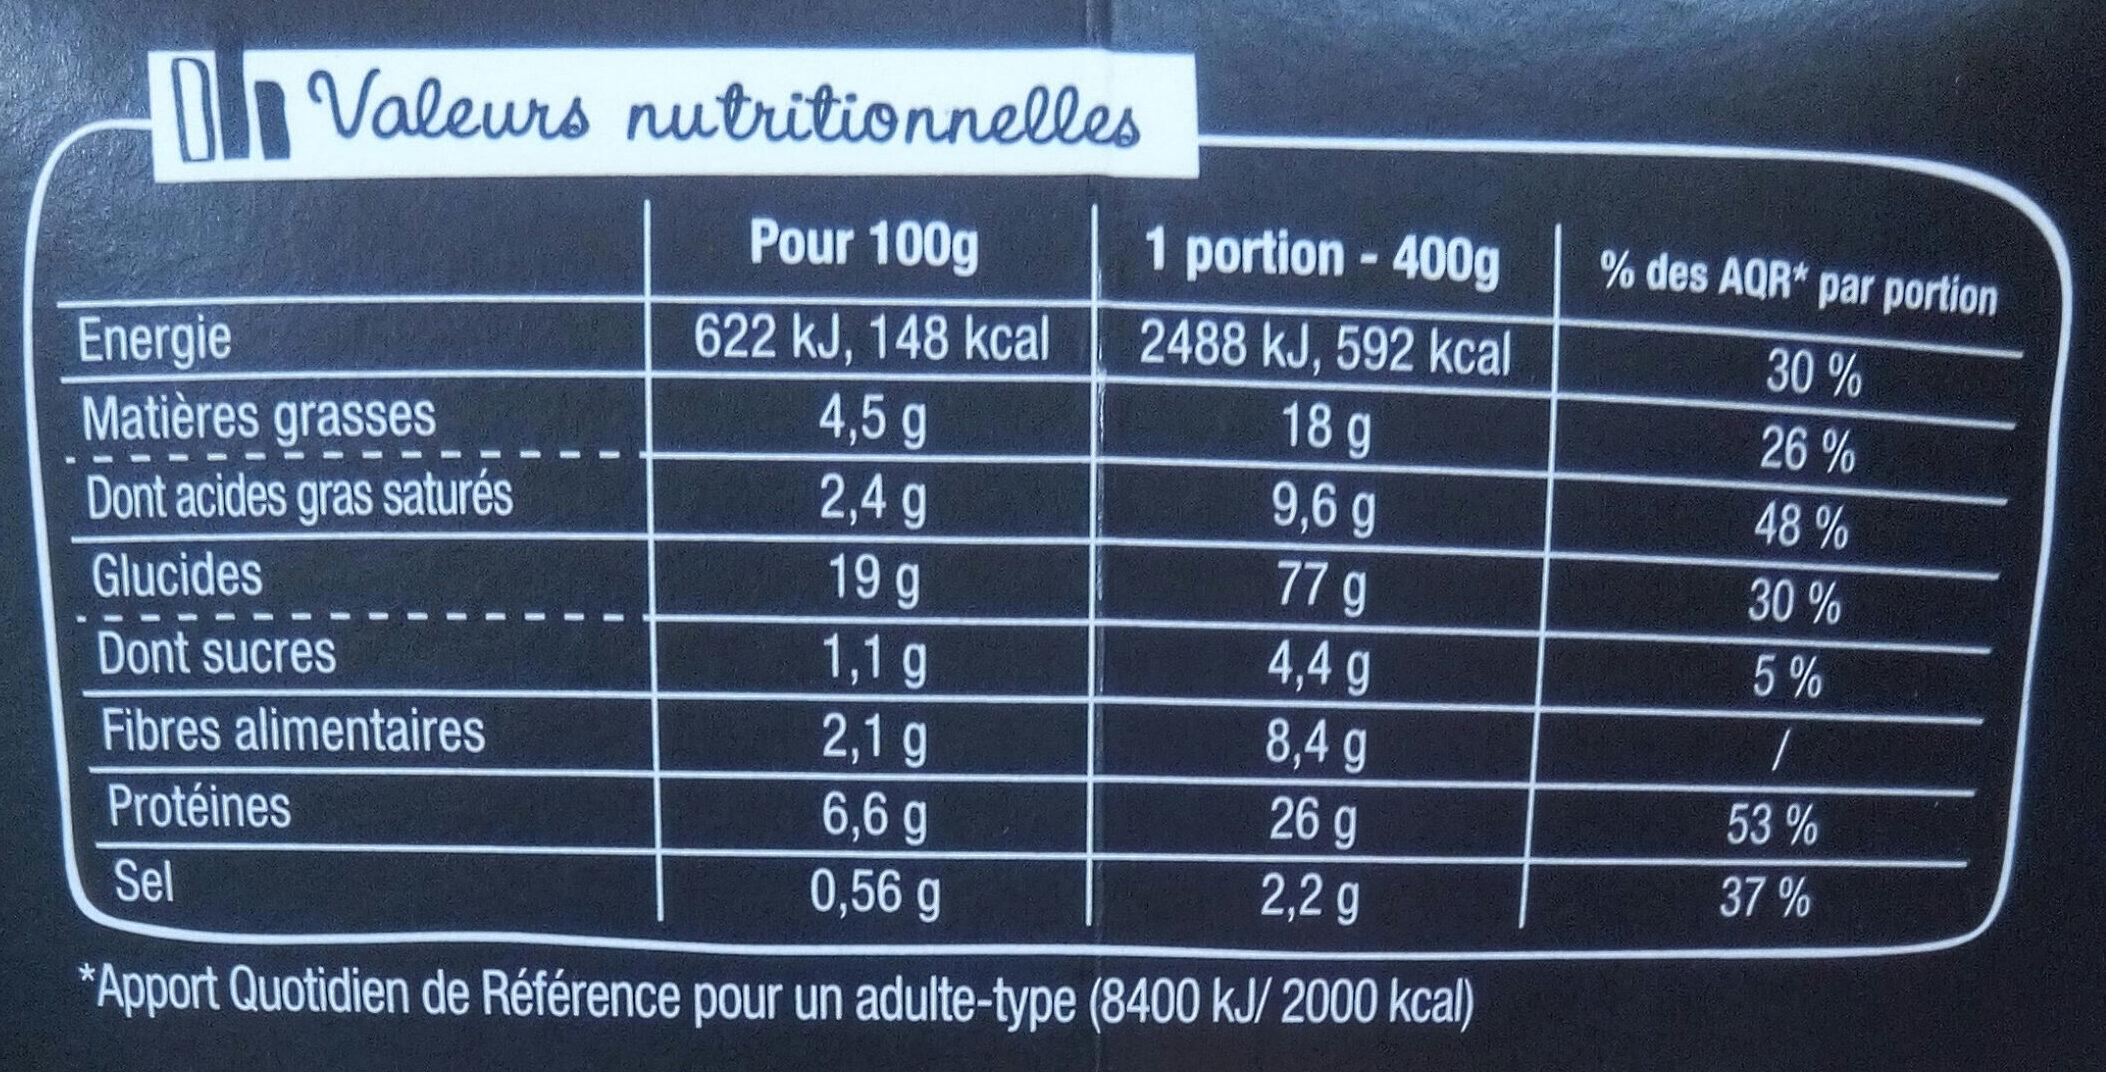 XtremBox - Radiatori  Bœuf Sauce au poivre - Informations nutritionnelles - fr